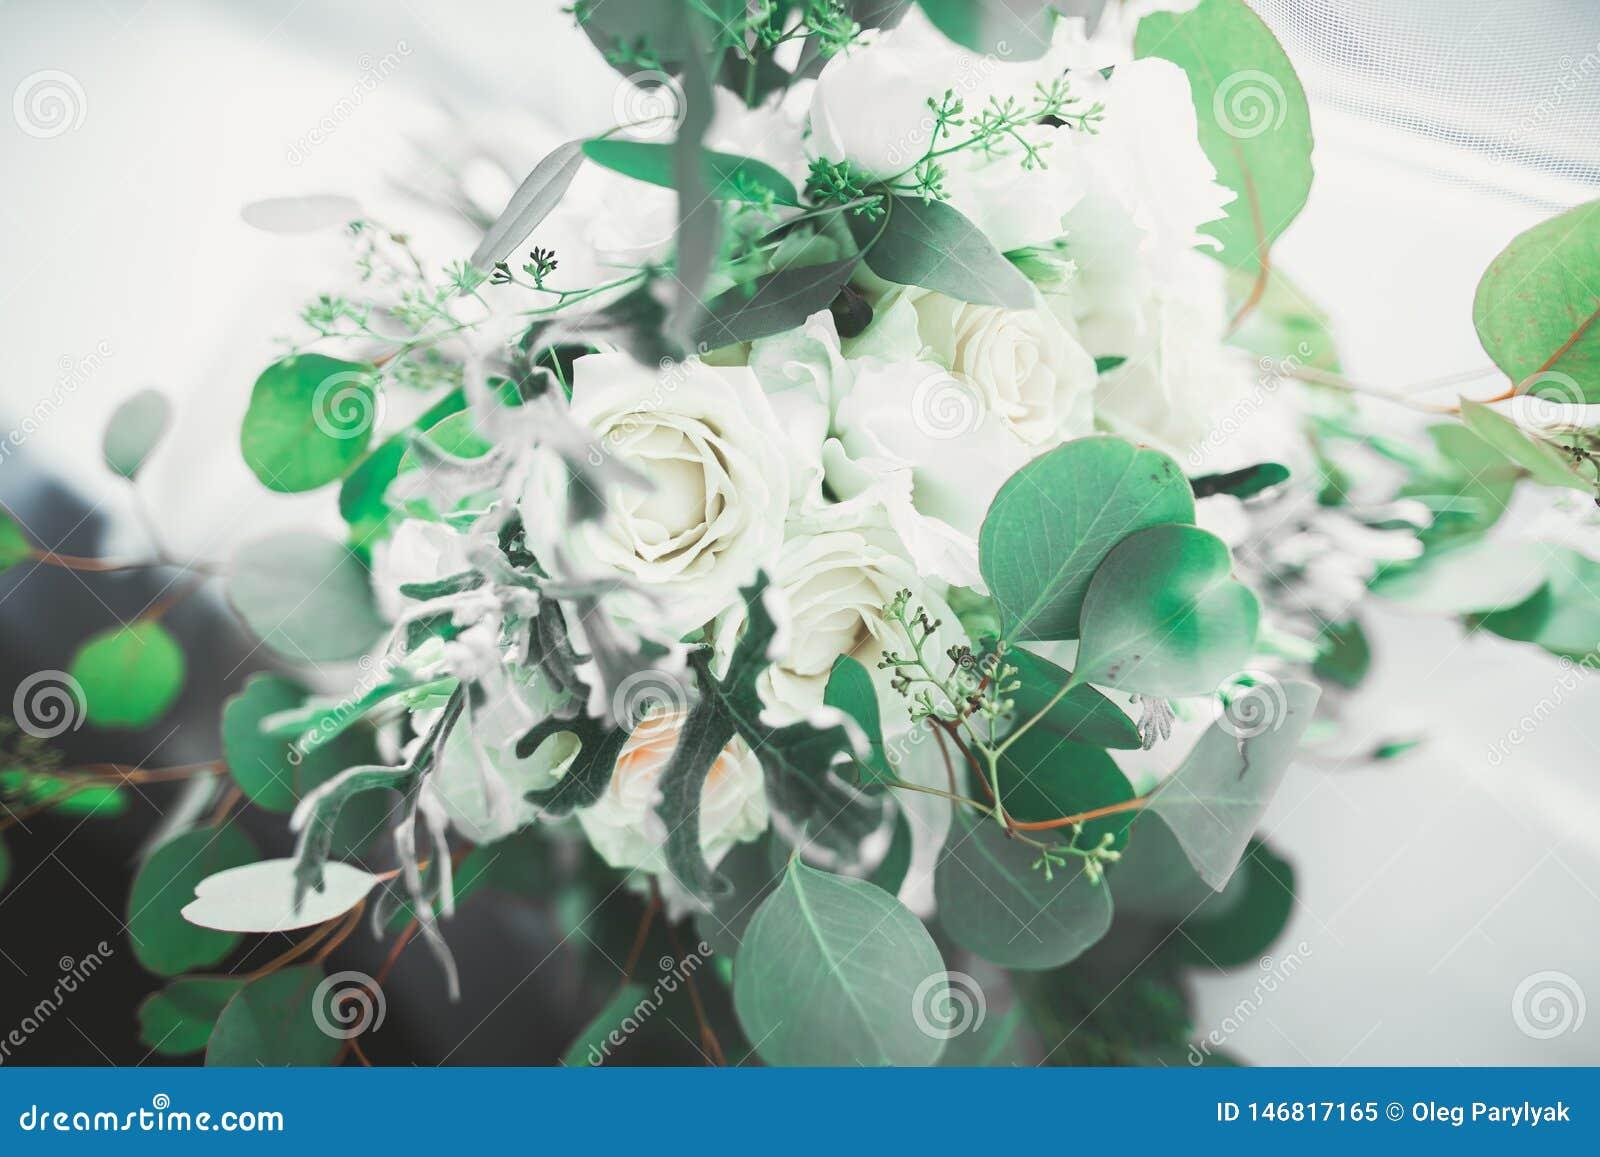 Sch?ner Hochzeitsblumenstrau? mit verschiedenen Blumen, Rosen